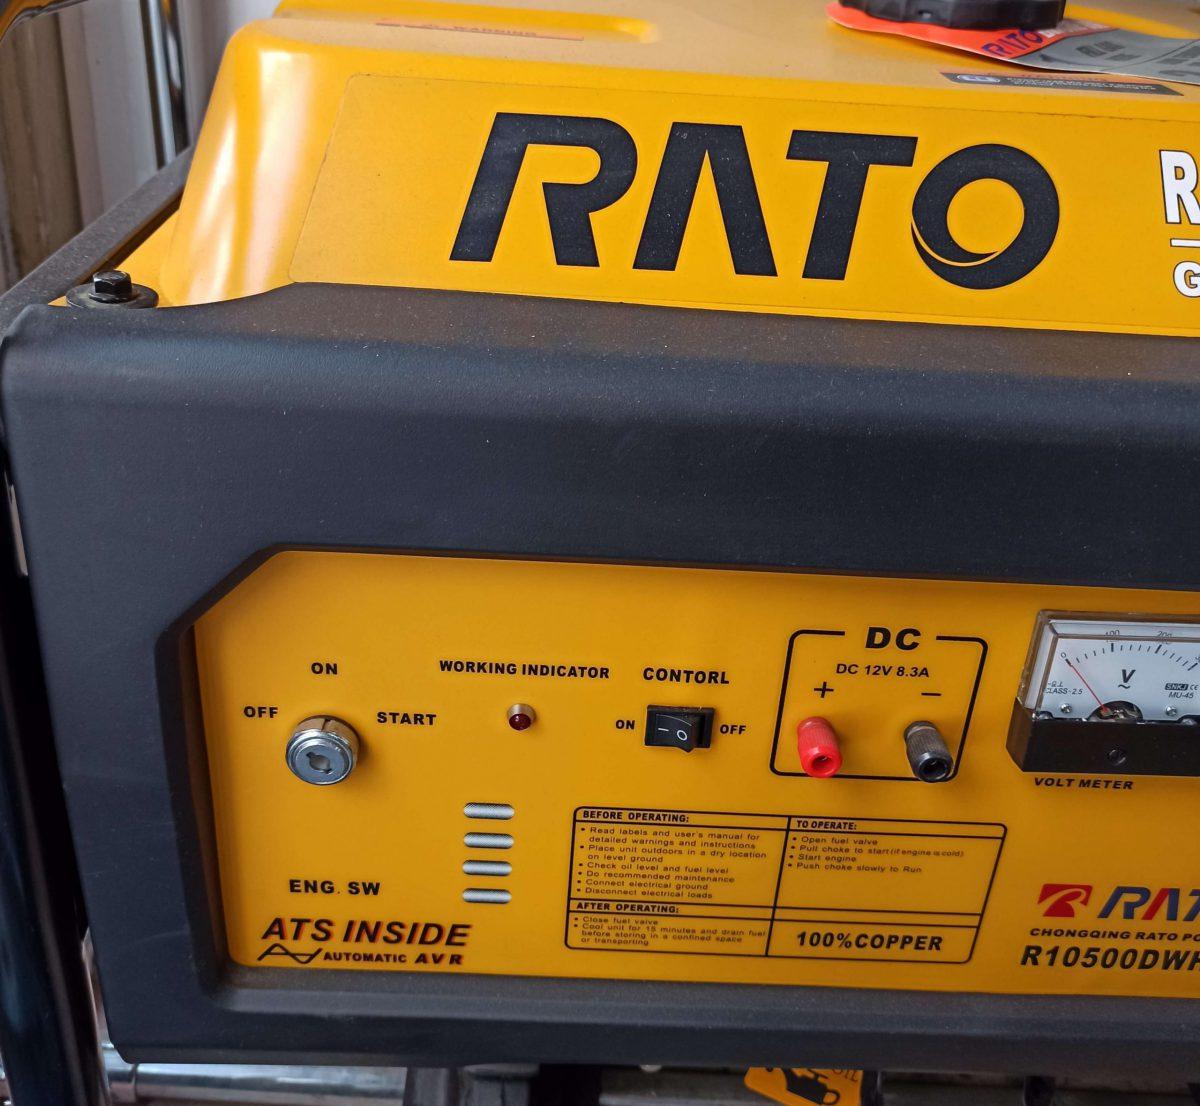 موتور برق راتو 5500 با چرخ و دسته | بنزینی | بهمراه باتری | RATO R5500DWHB+